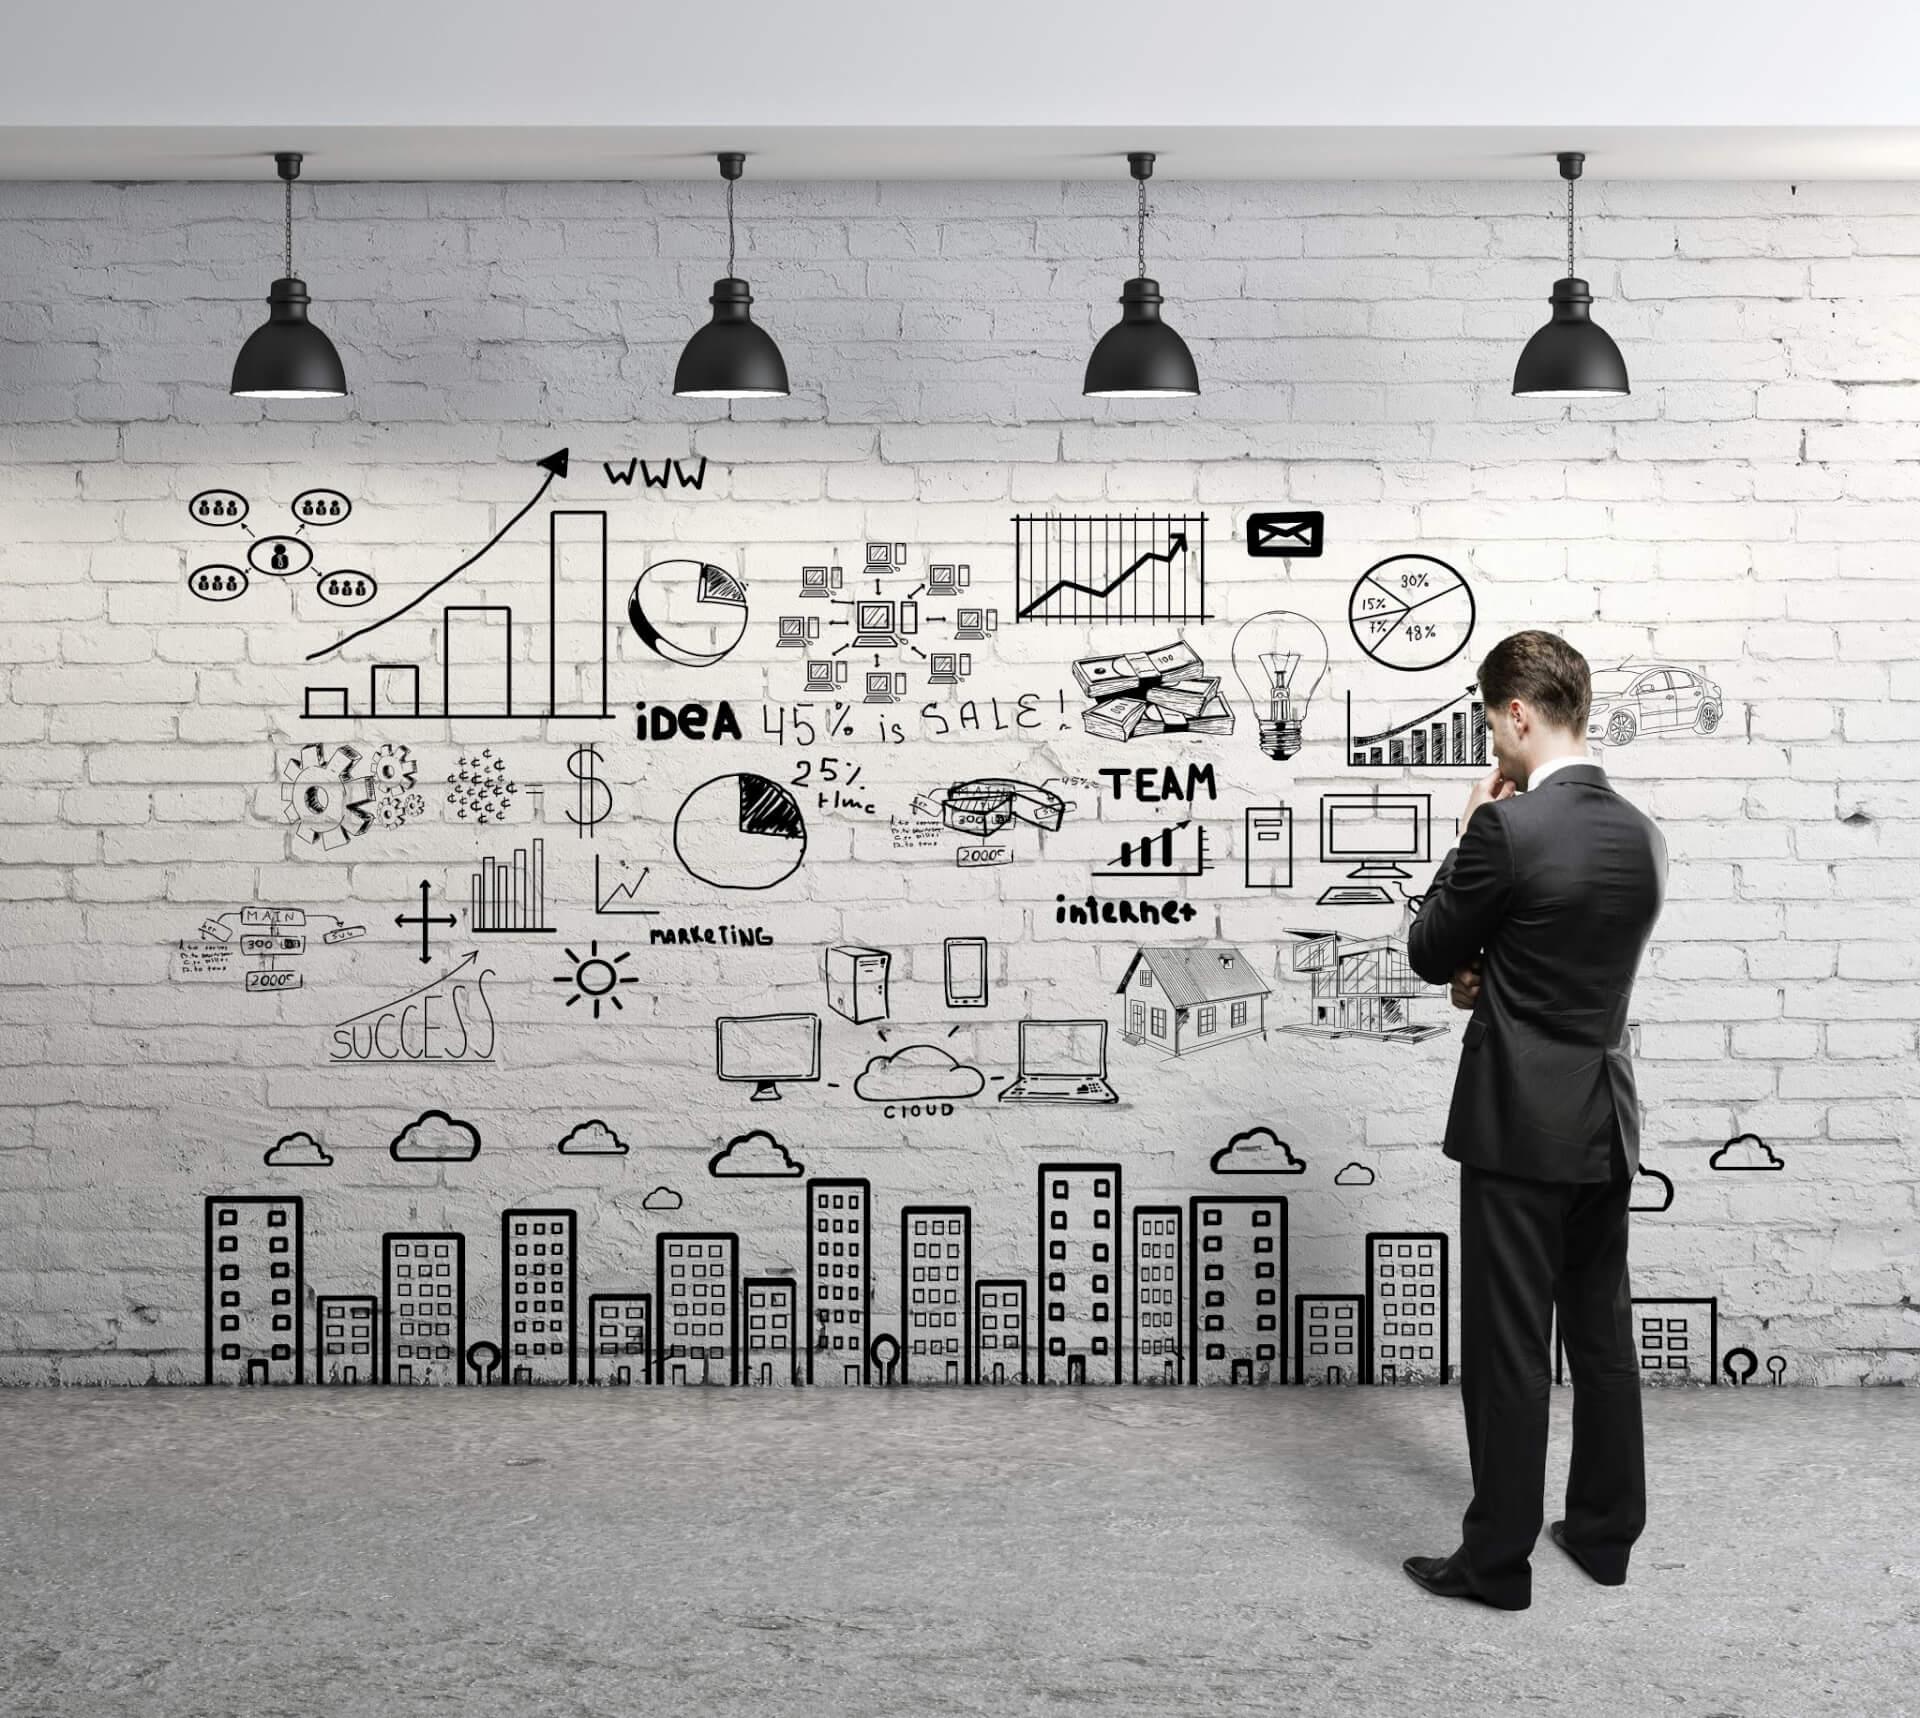 Vì sao các chiến dịch Digital Marketing ở Việt Nam không hiệu quả?